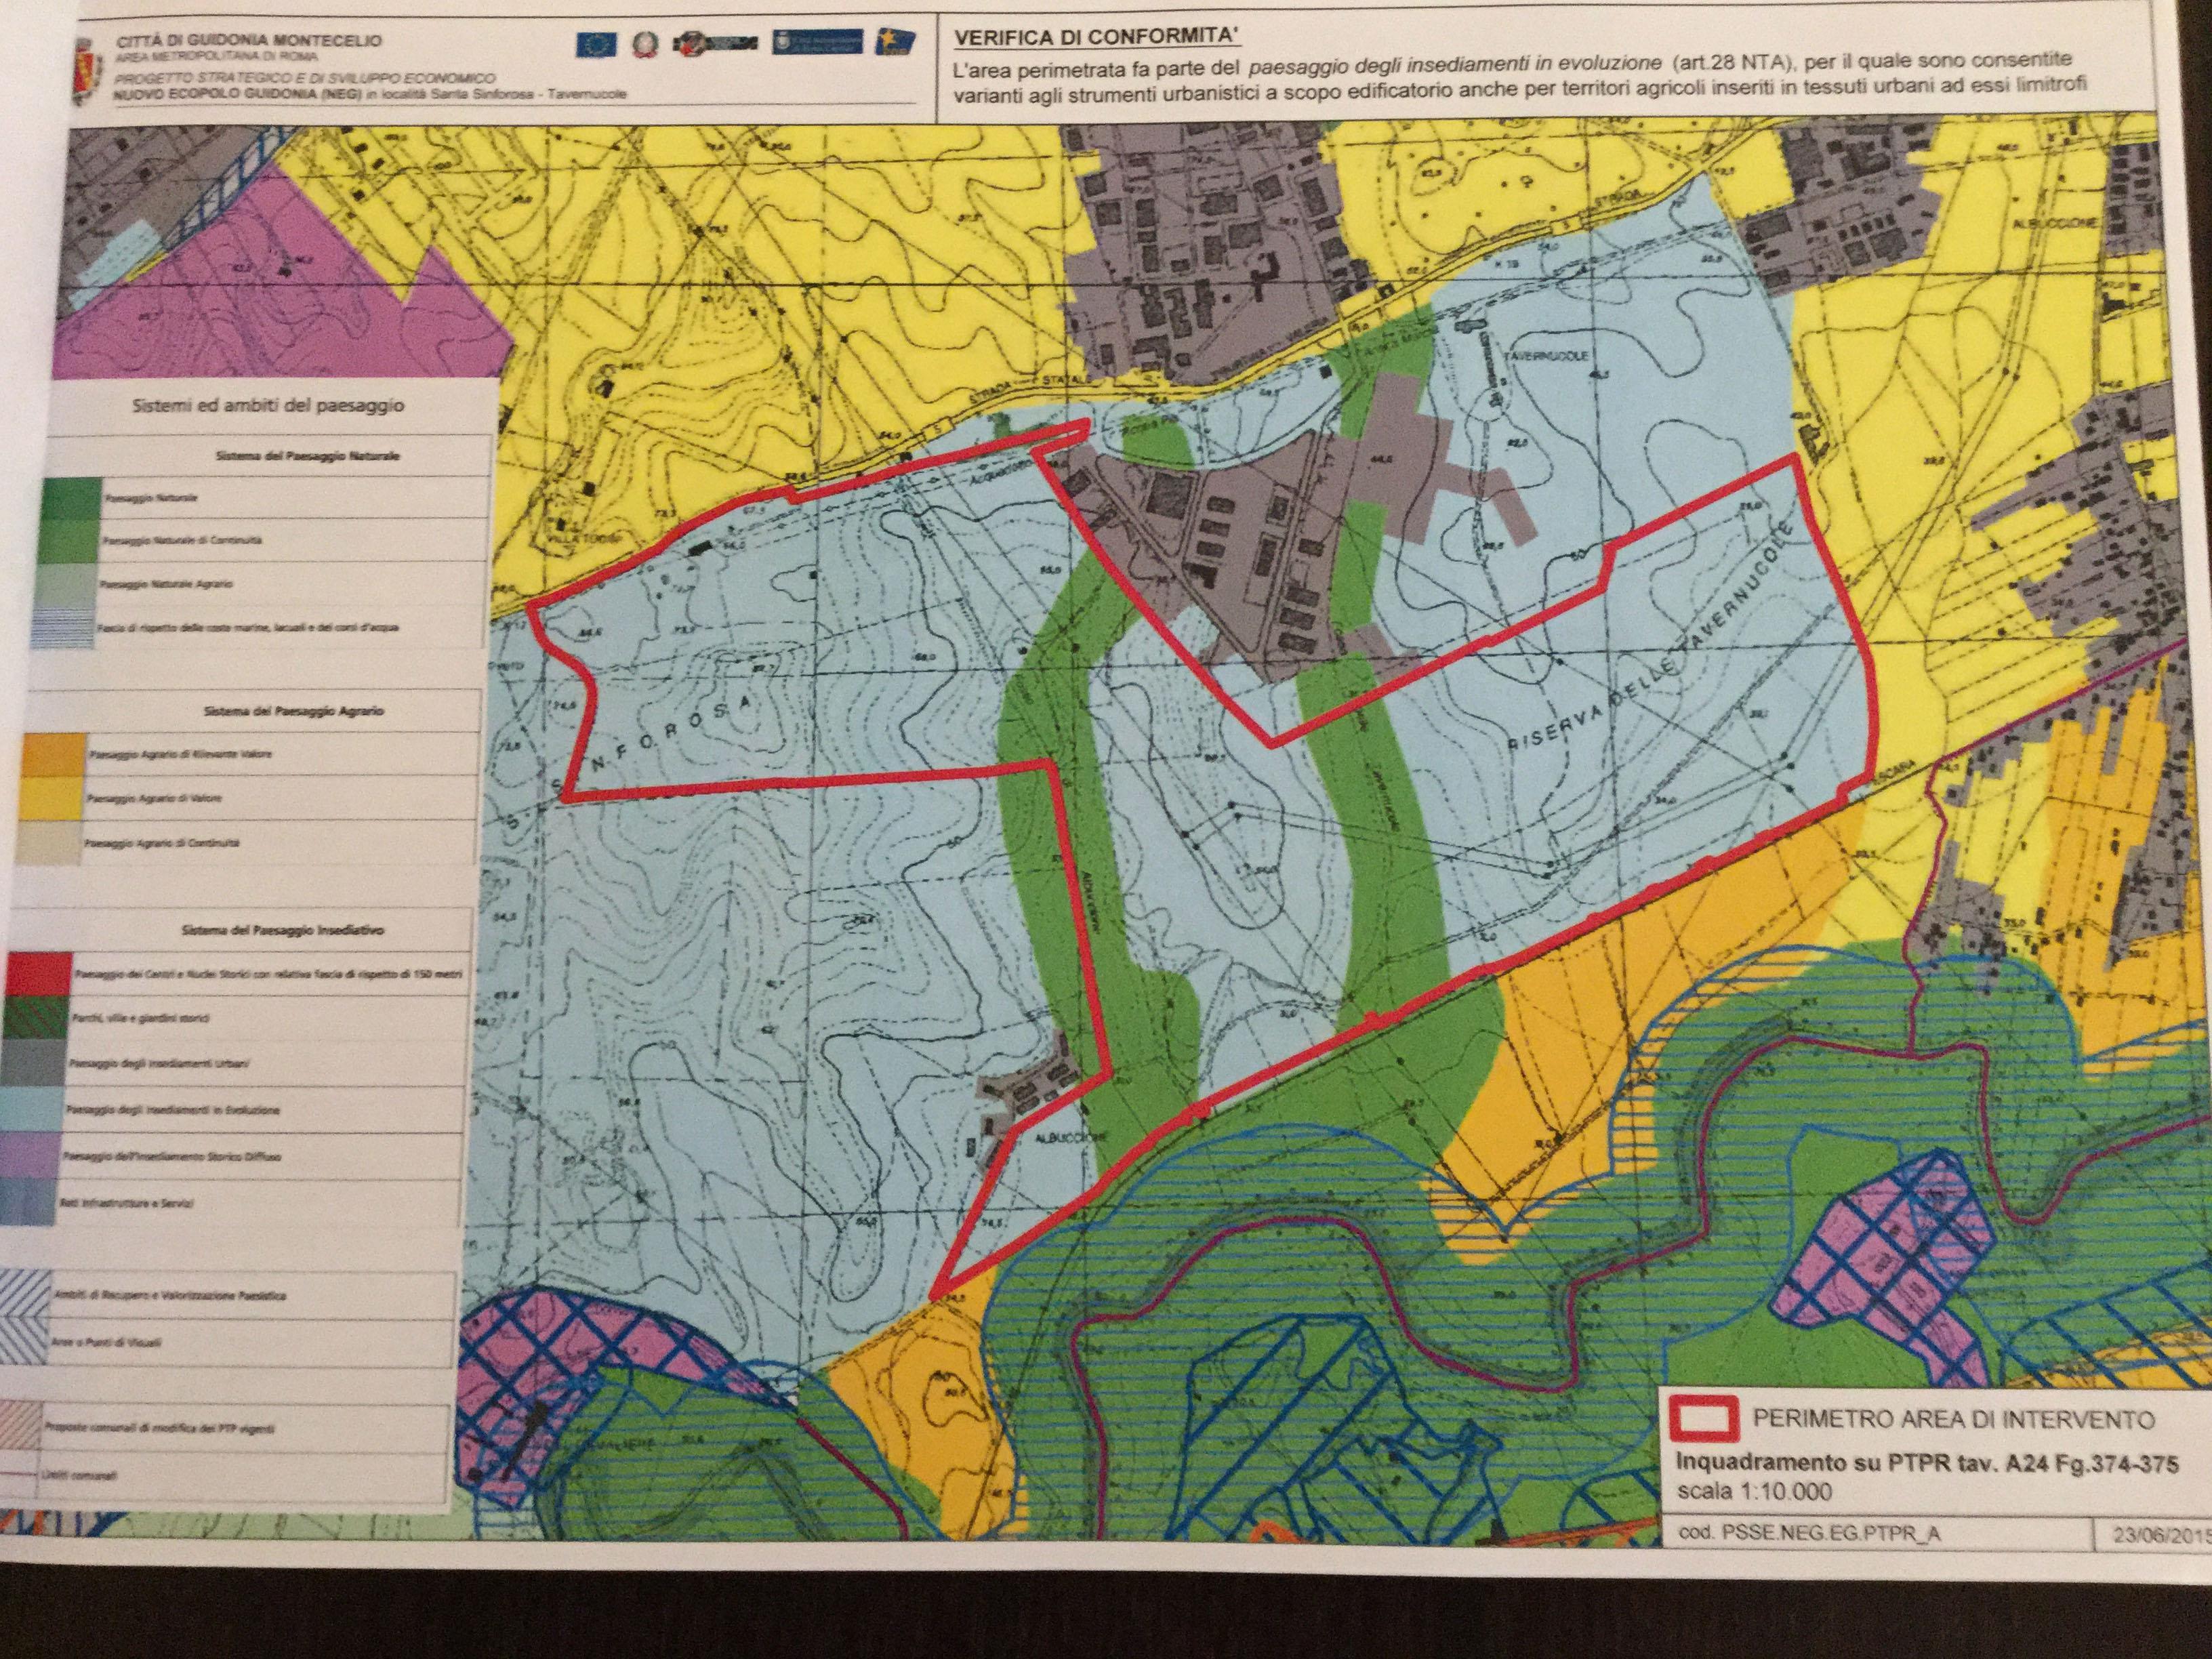 Il rosso delimita i 155 ettari confinanti con l'Aniene, Santa Sinforosa e i mercati generali